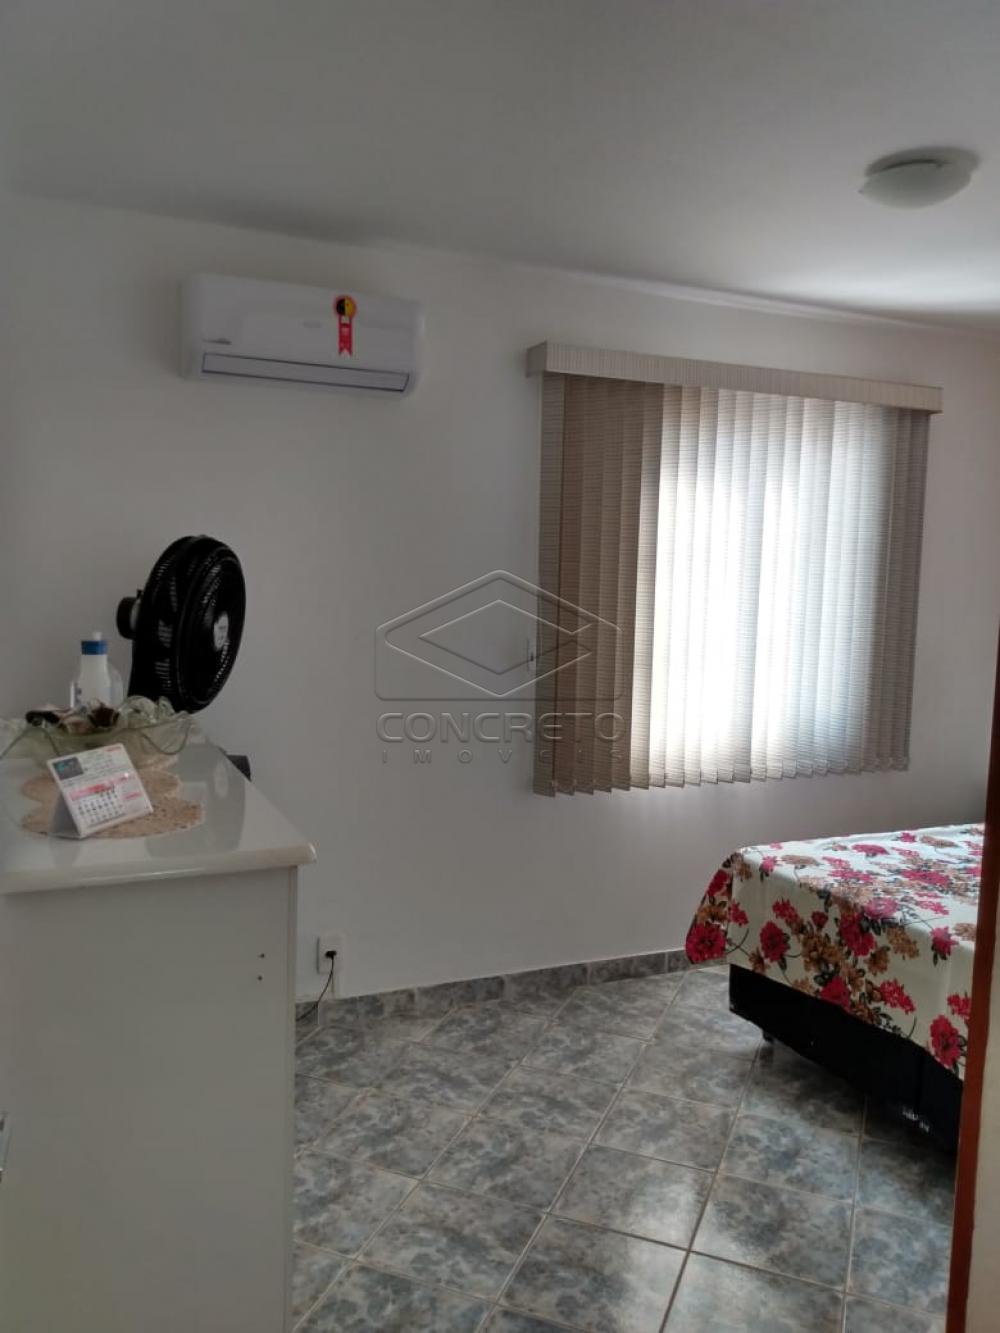 Comprar Apartamento / Padrão em Bauru R$ 220.000,00 - Foto 18